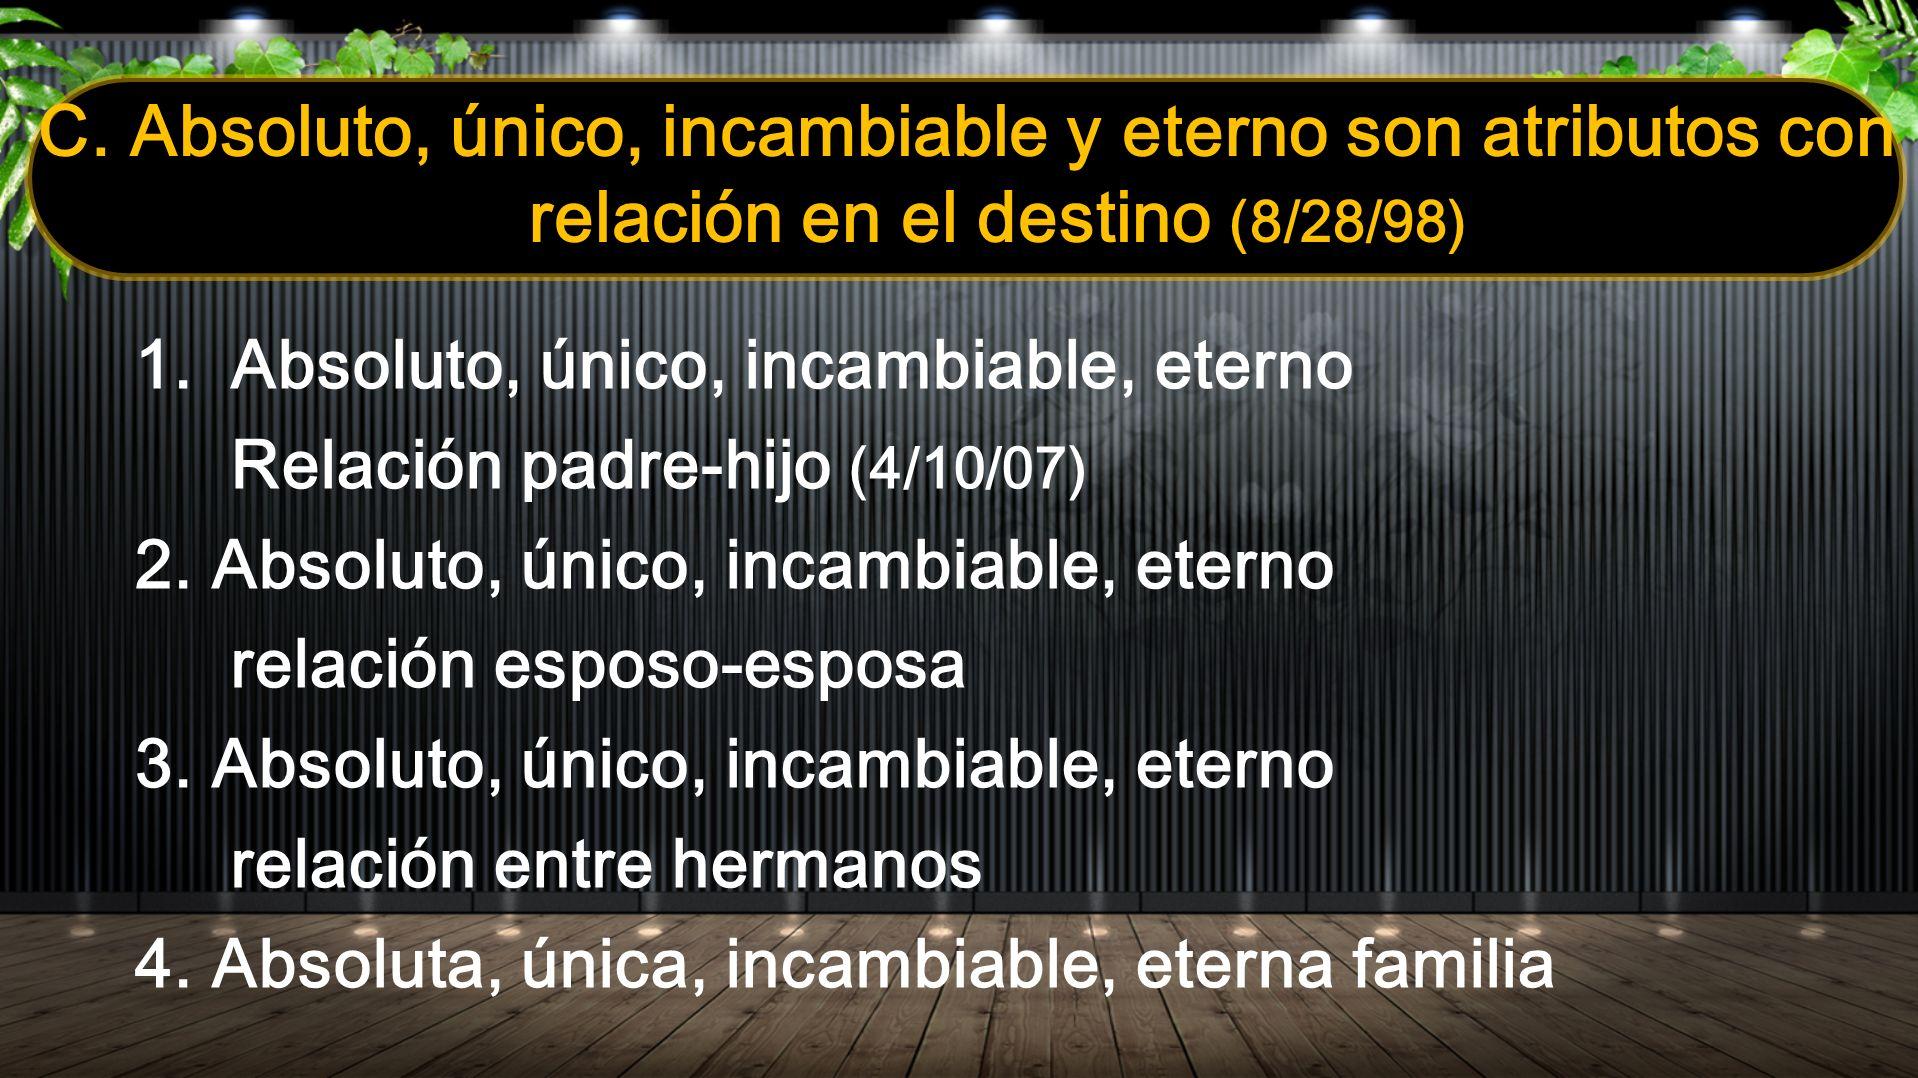 IV.Cuatro Atributos Externos Centrales de Dios A.